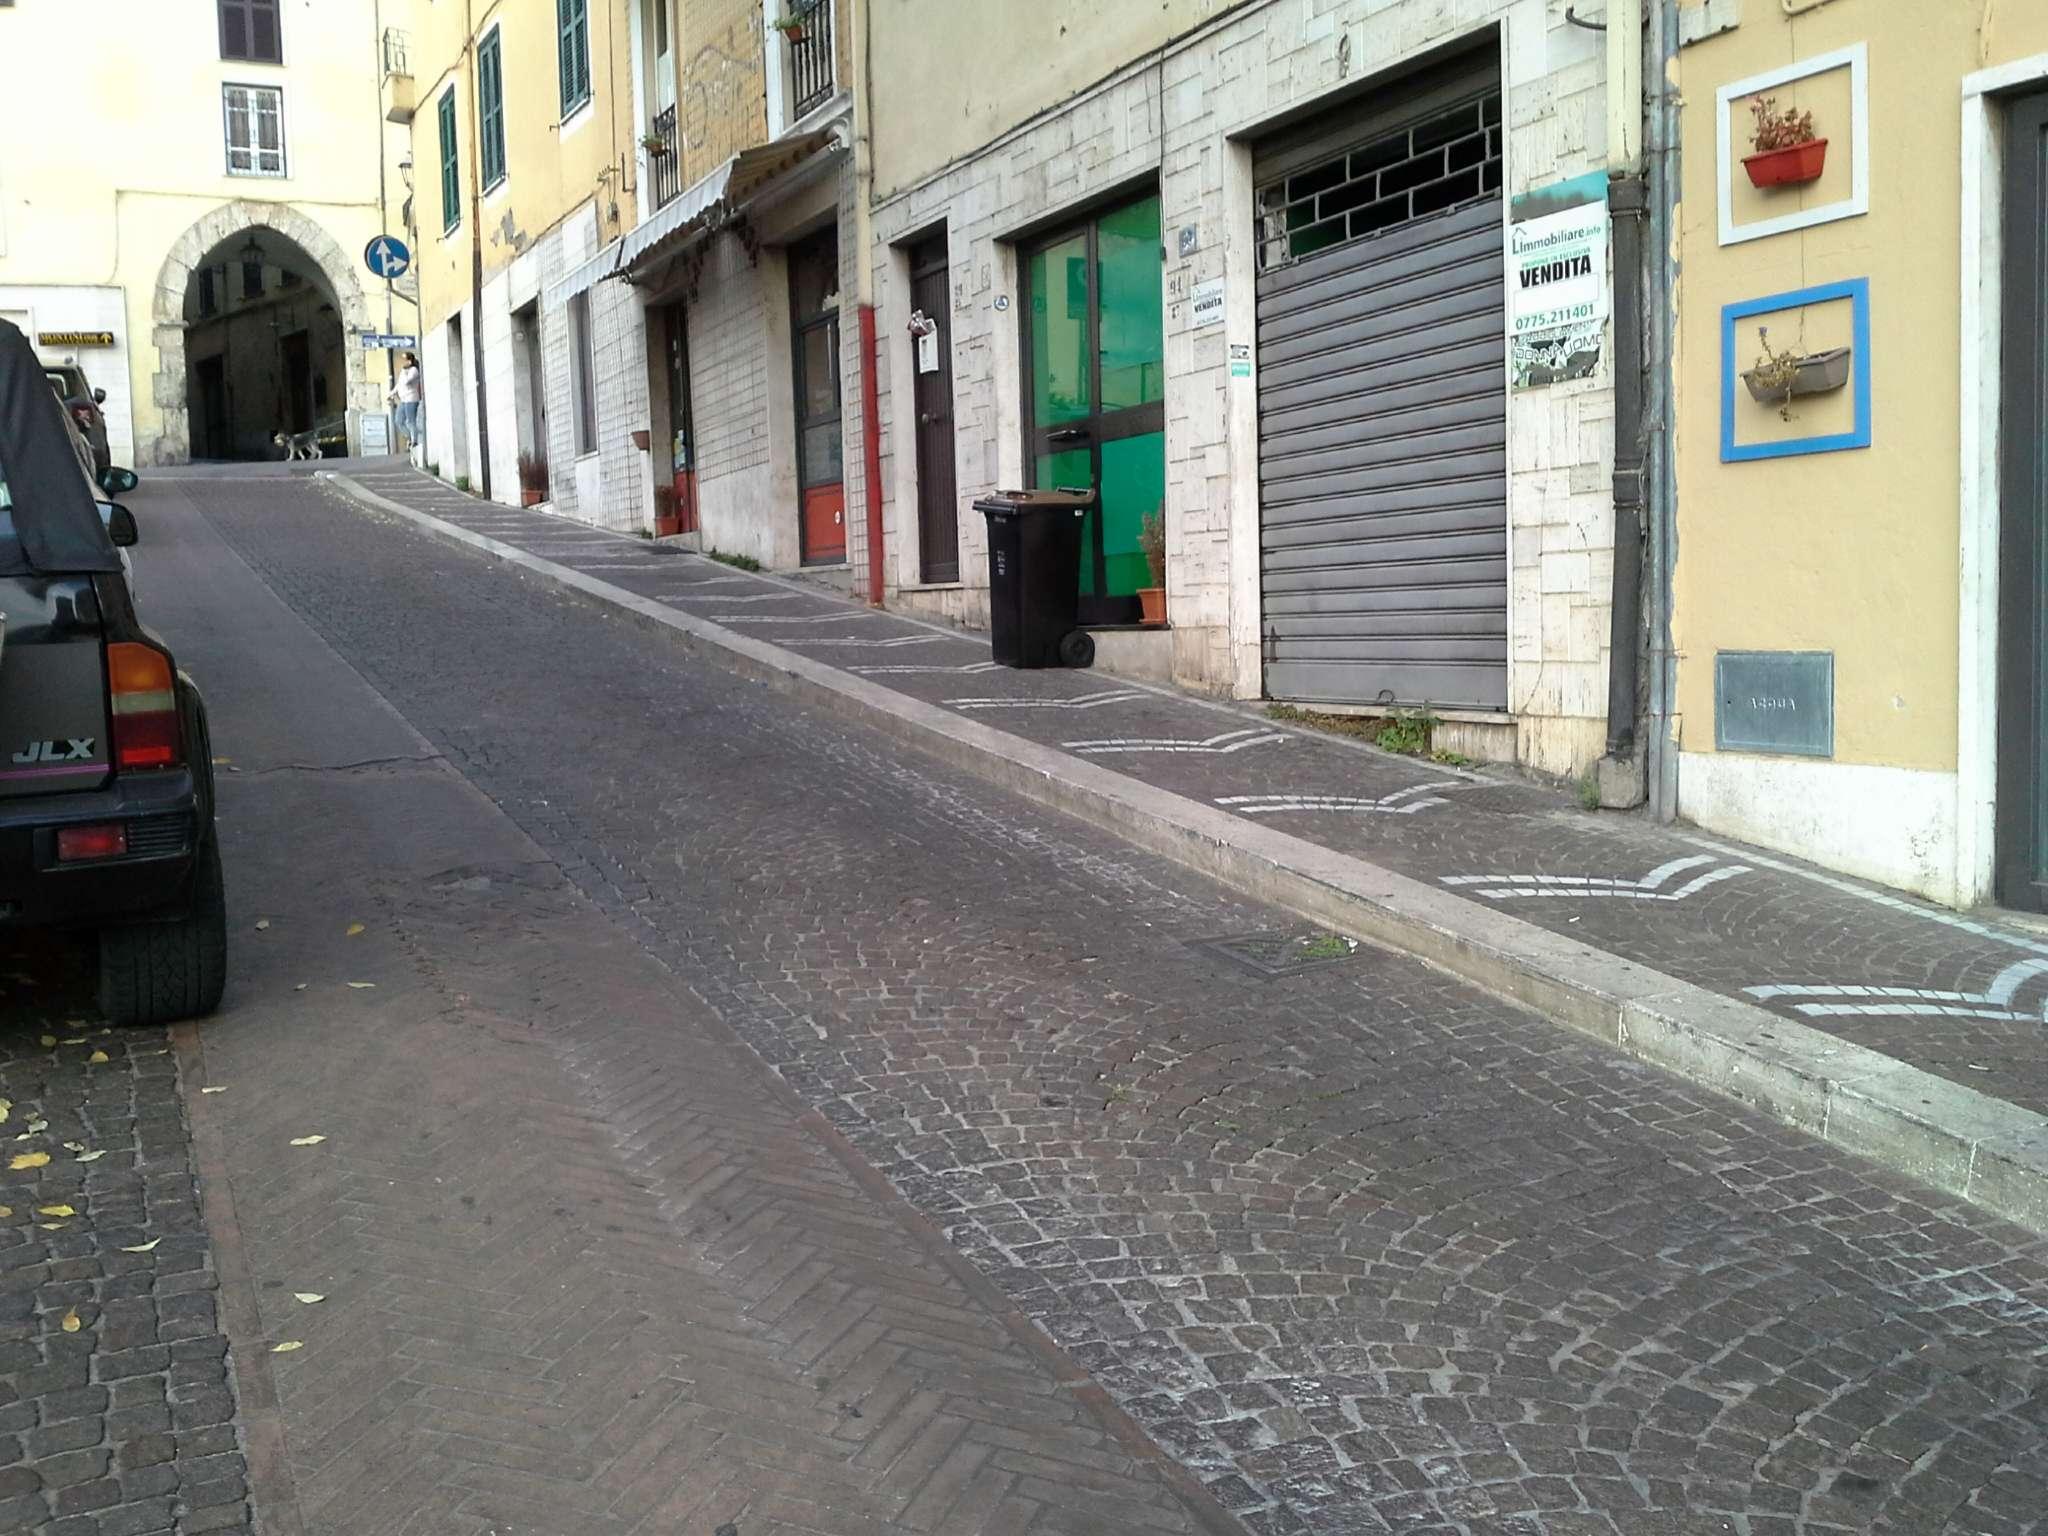 Negozio / Locale in vendita a Frosinone, 9999 locali, prezzo € 20.000 | CambioCasa.it